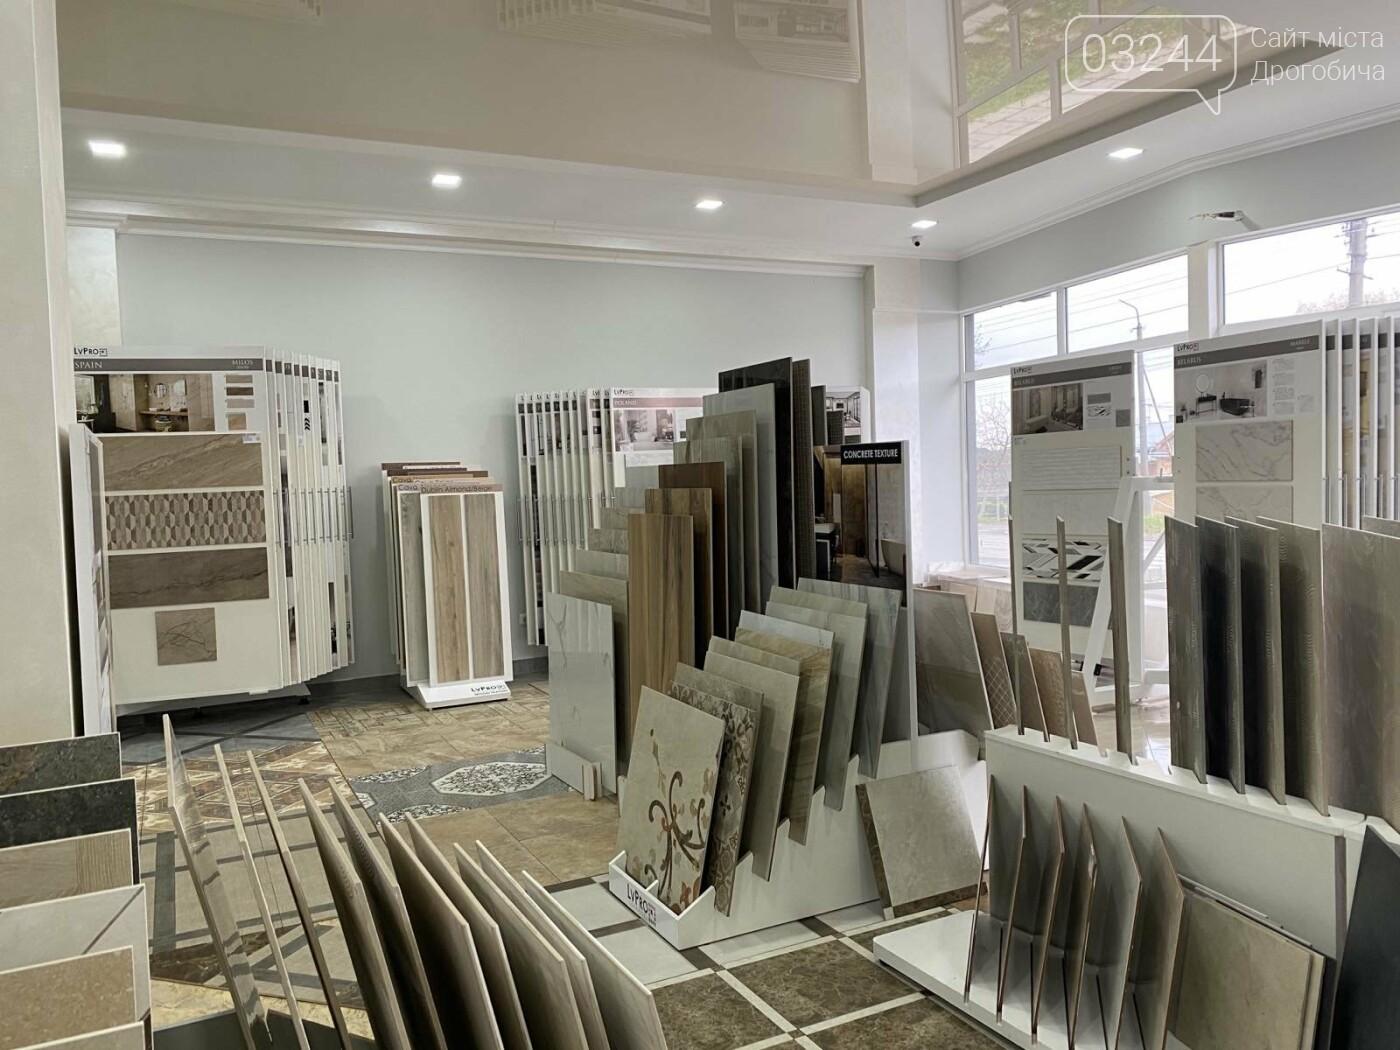 У Дрогобичі відкрилося нове представництво мережі магазинів плитки і сантехніки «ПЛИТОЧКА», фото-6